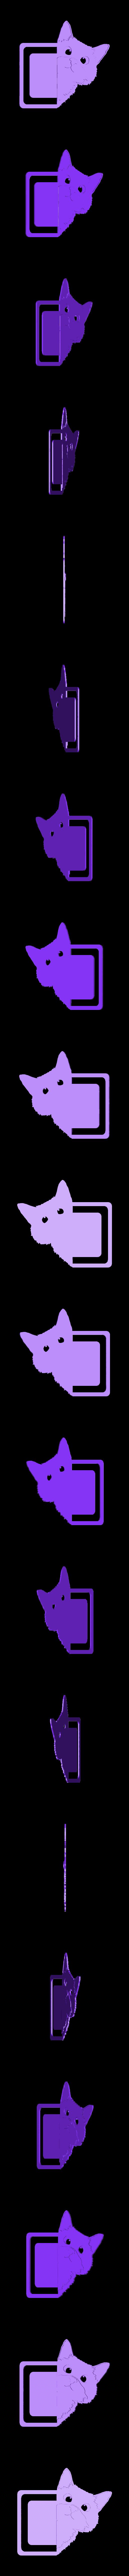 Sneaky cat bookmark_V4.stl Télécharger fichier STL gratuit Marque-page chat caché • Modèle pour impression 3D, Arkatz